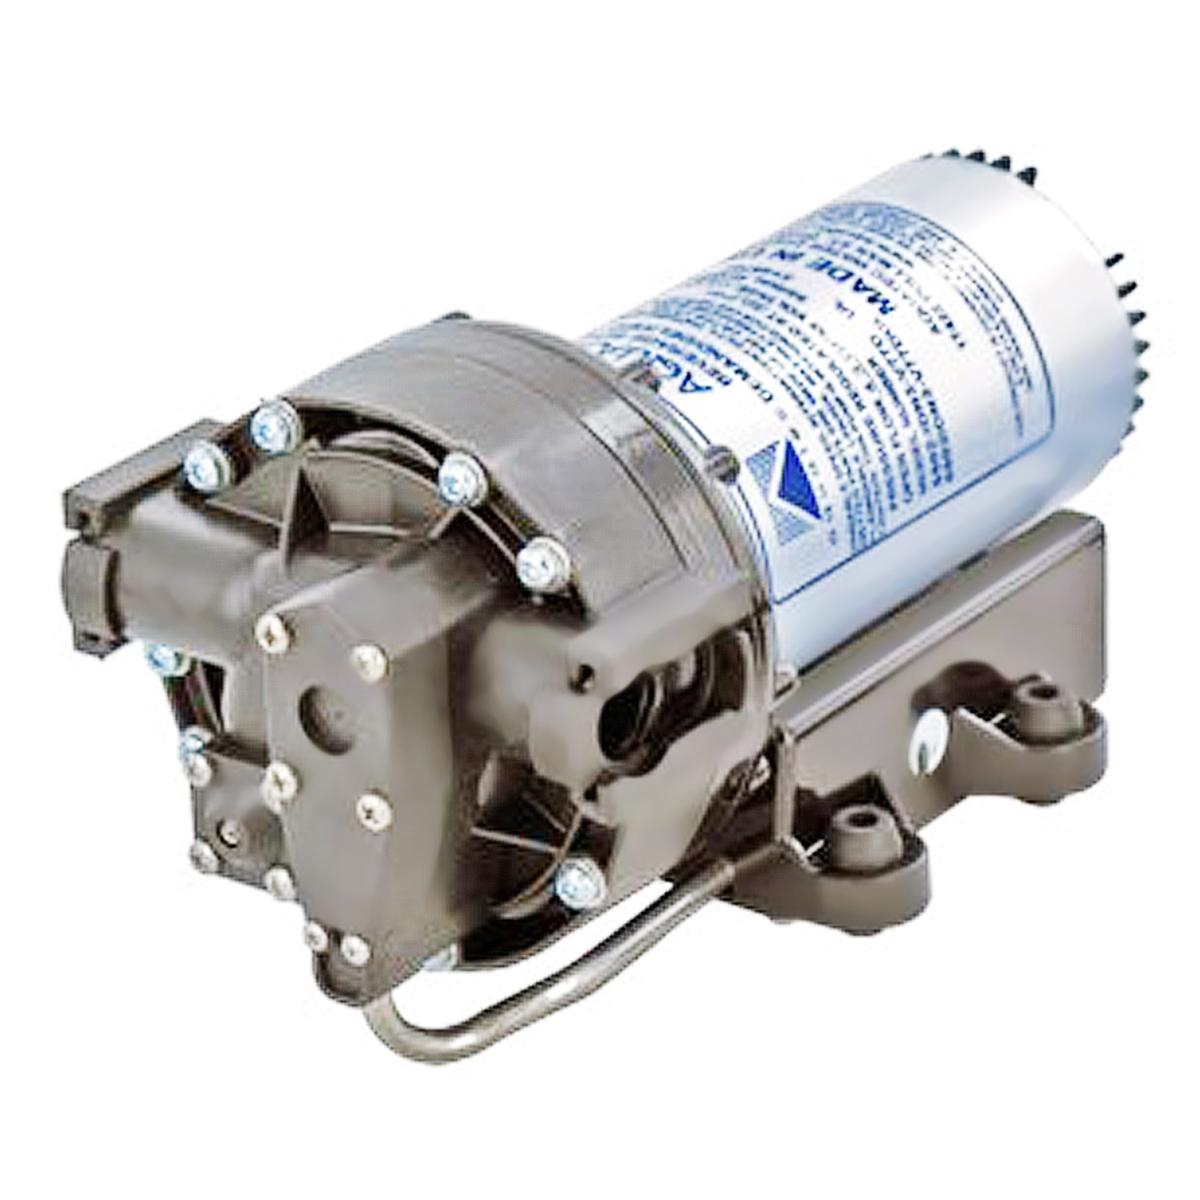 Aquatec 5502 Idn2 V77d Smart Pump 4 5 Gpm 50psi Variable